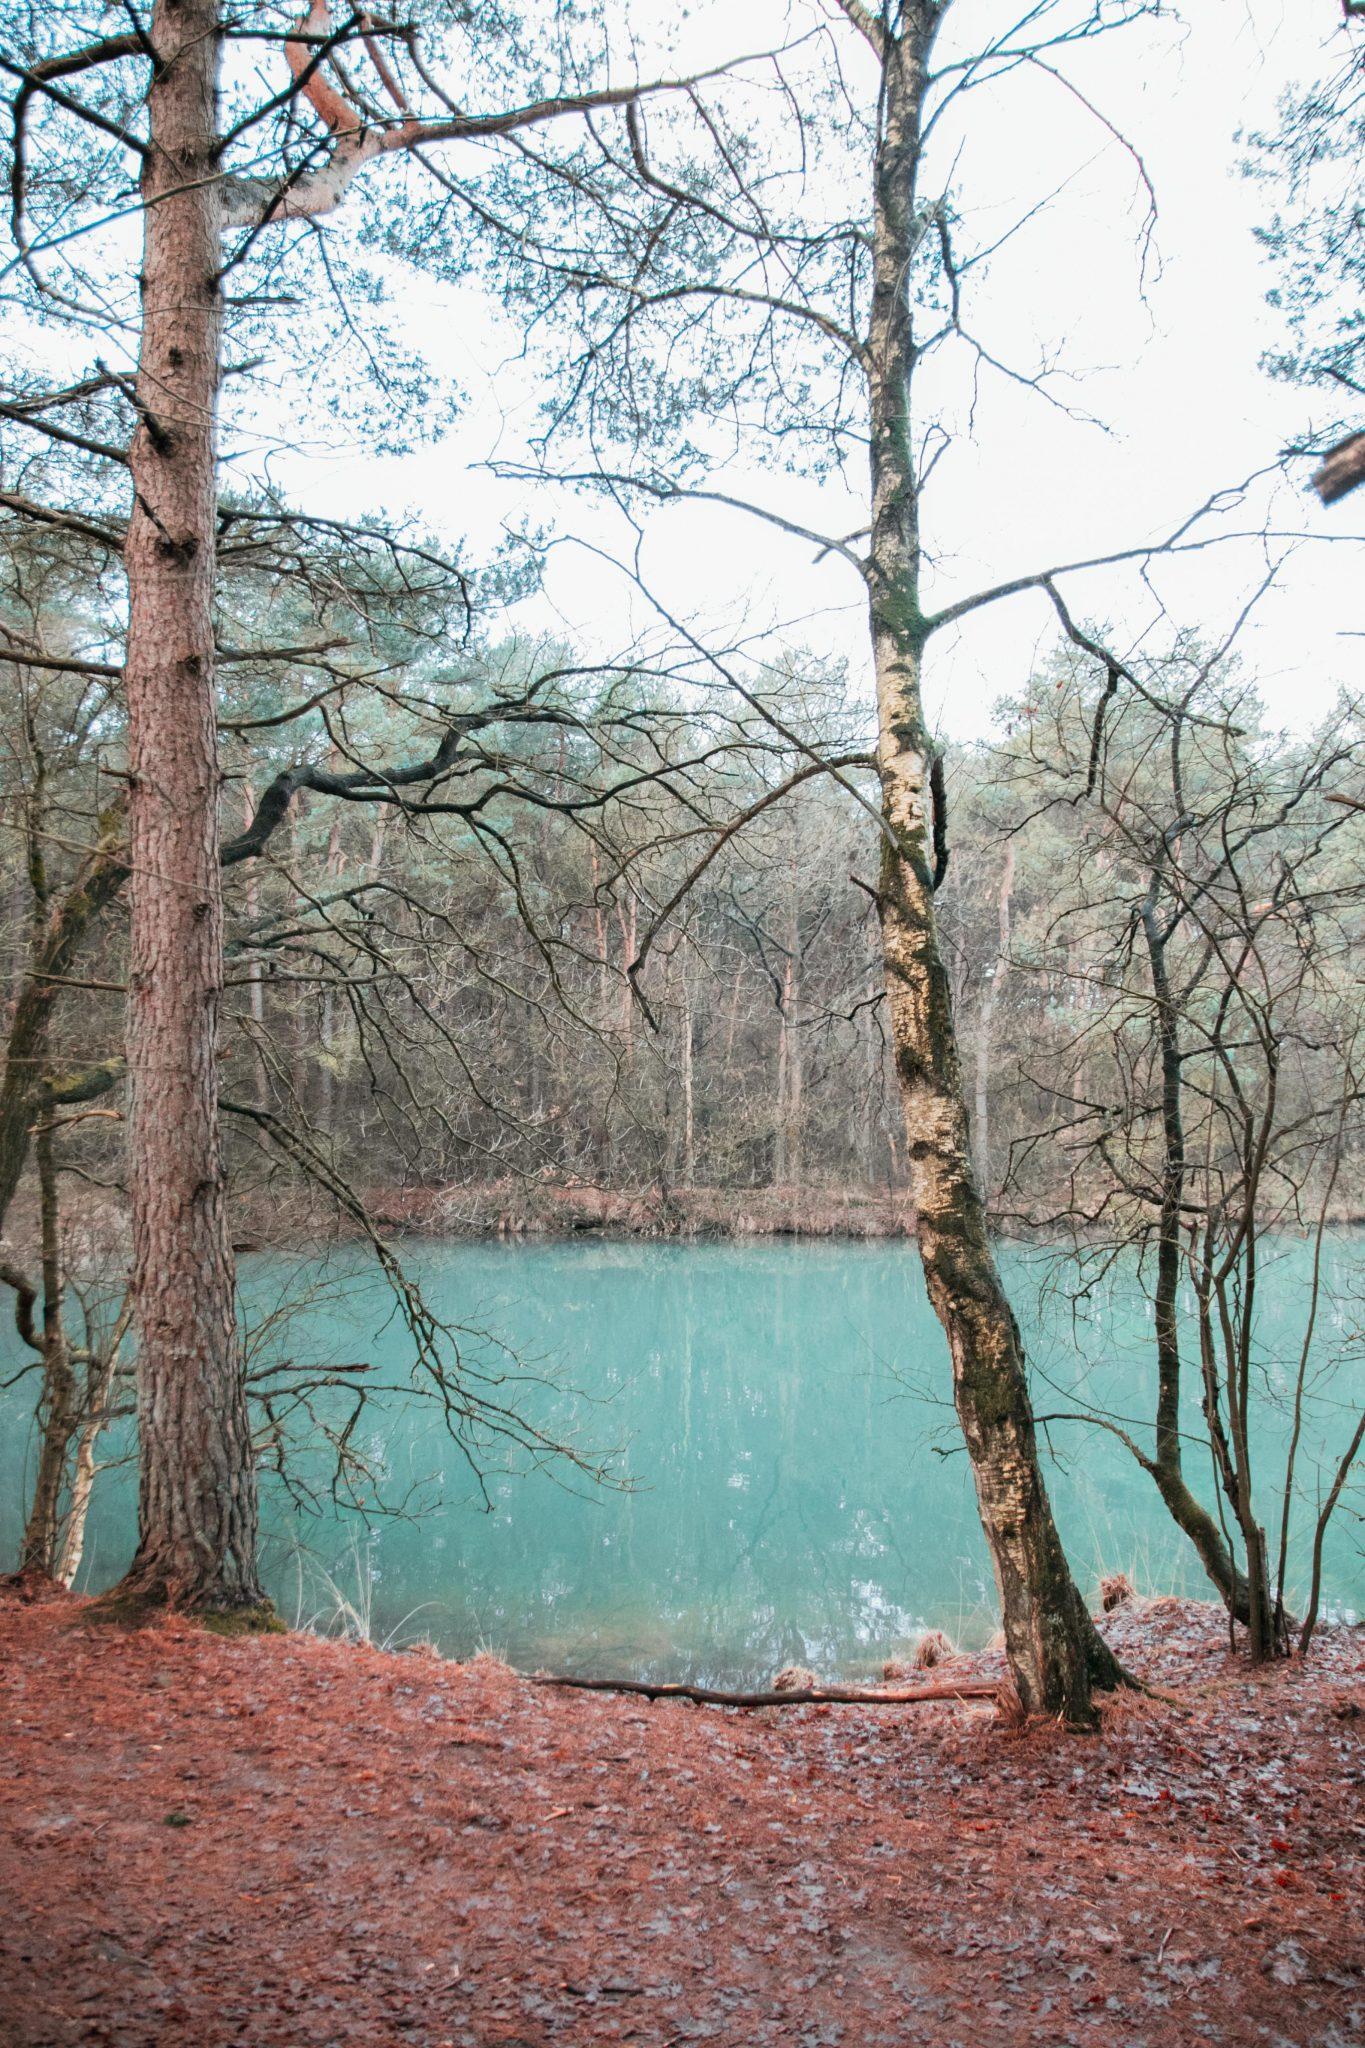 Wandelroute langs het blauwe meer in Drenthe